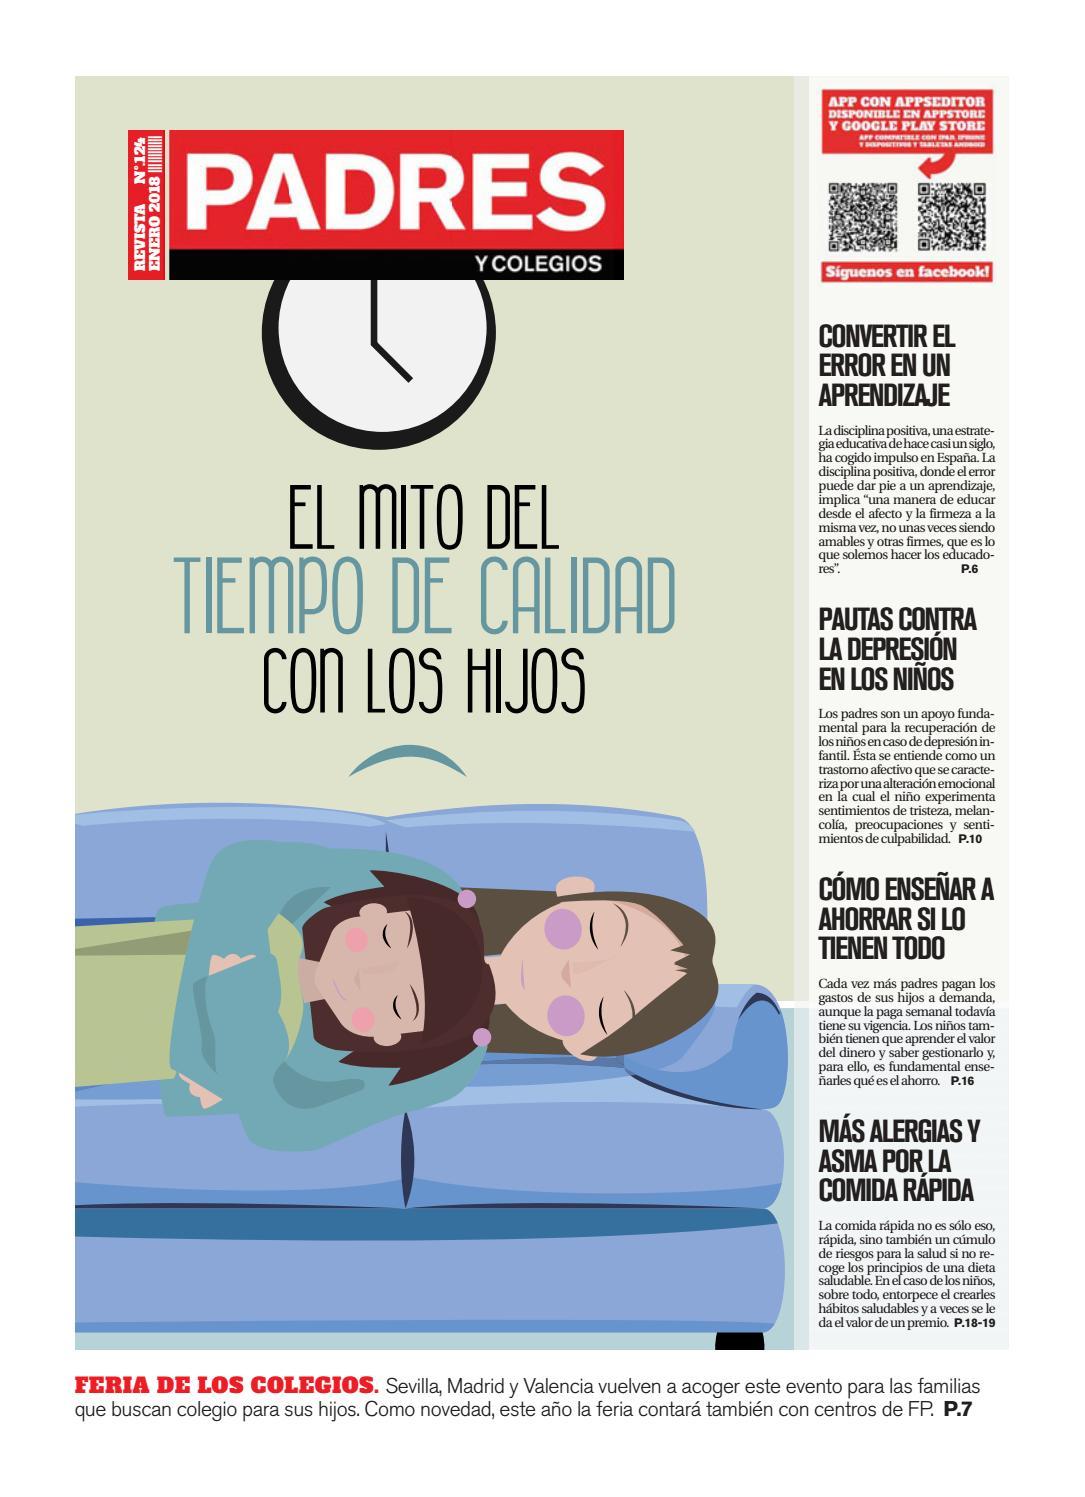 Padres y Colegios Nº 124 - enero 2018 by Grupo Siena - issuu